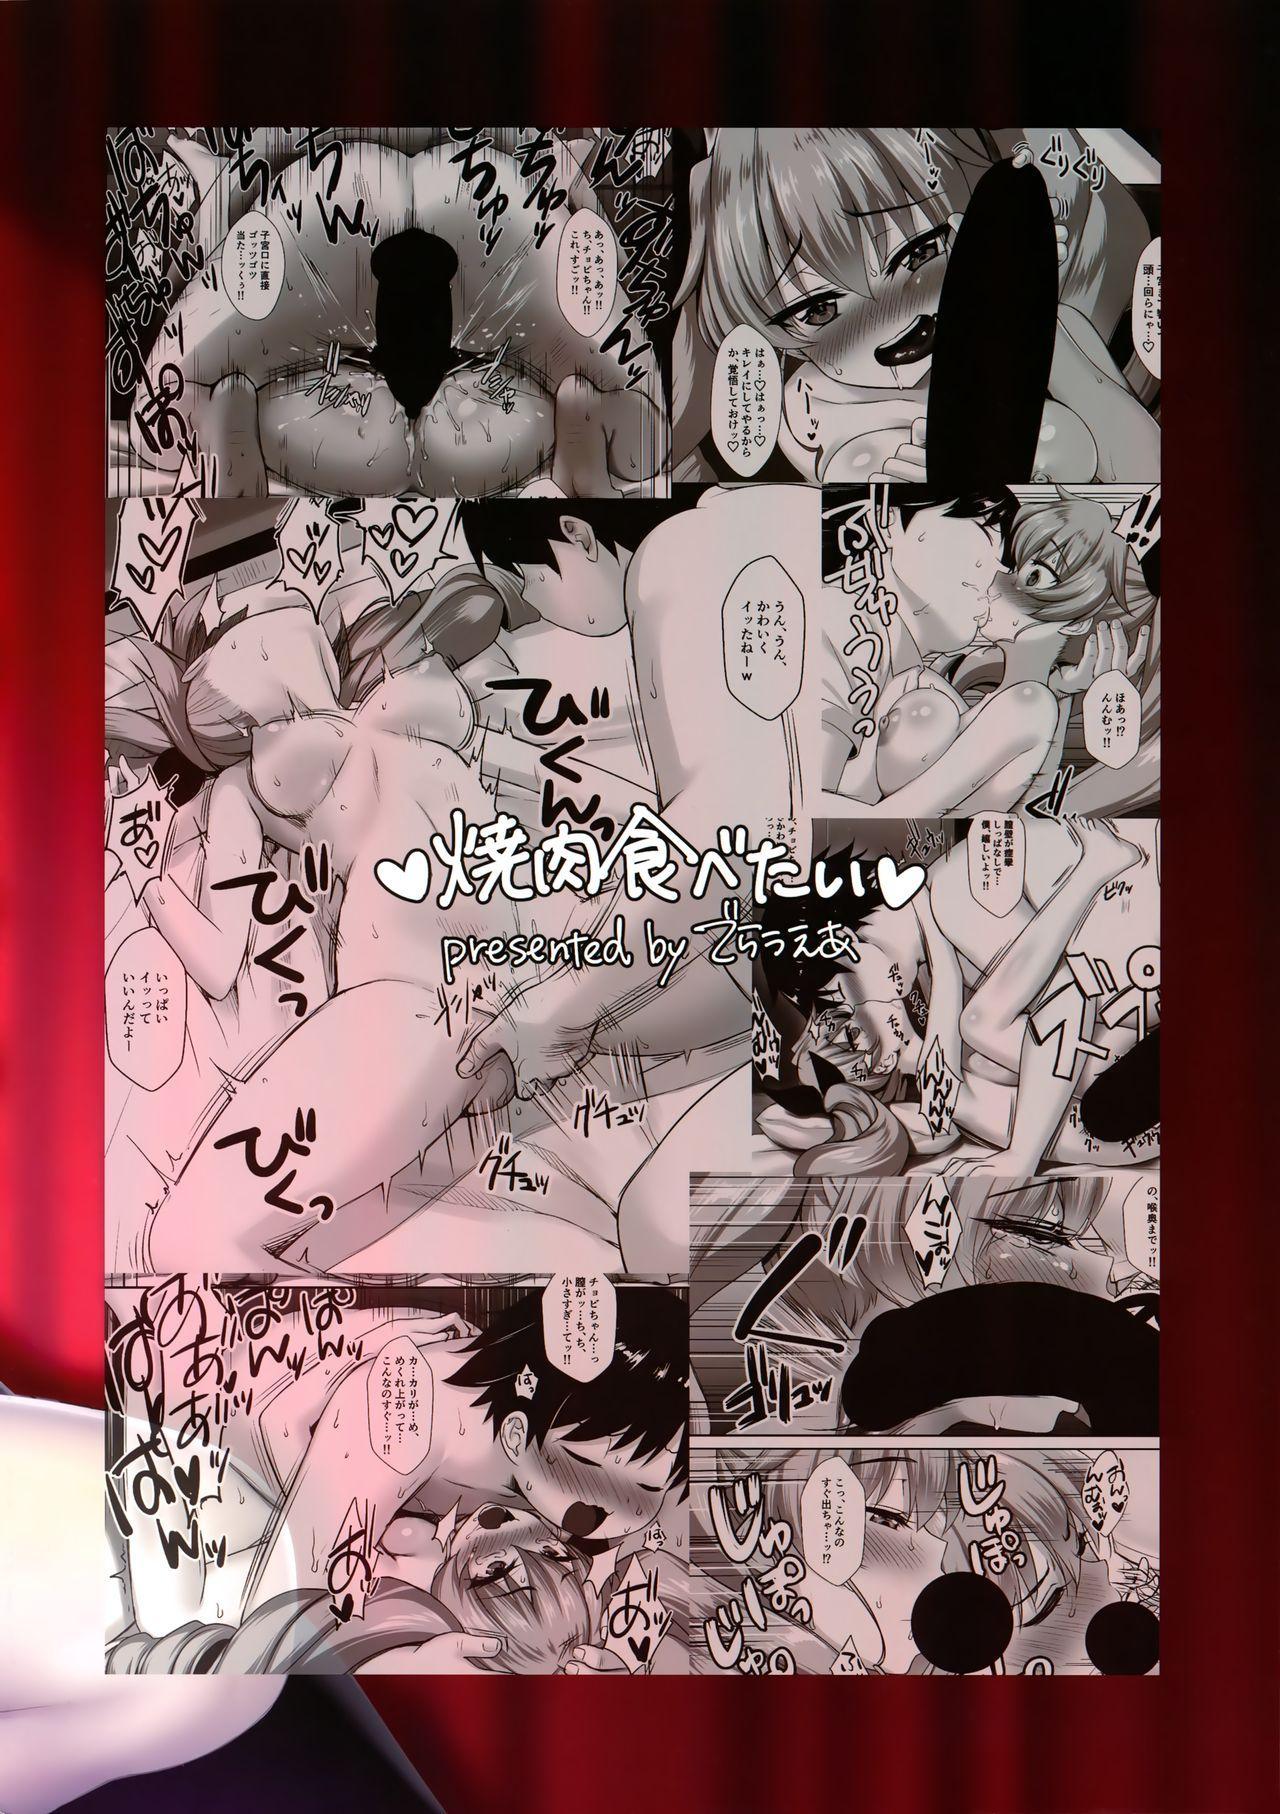 Chovy-chan to Boku no Ninshin Katsudou 27